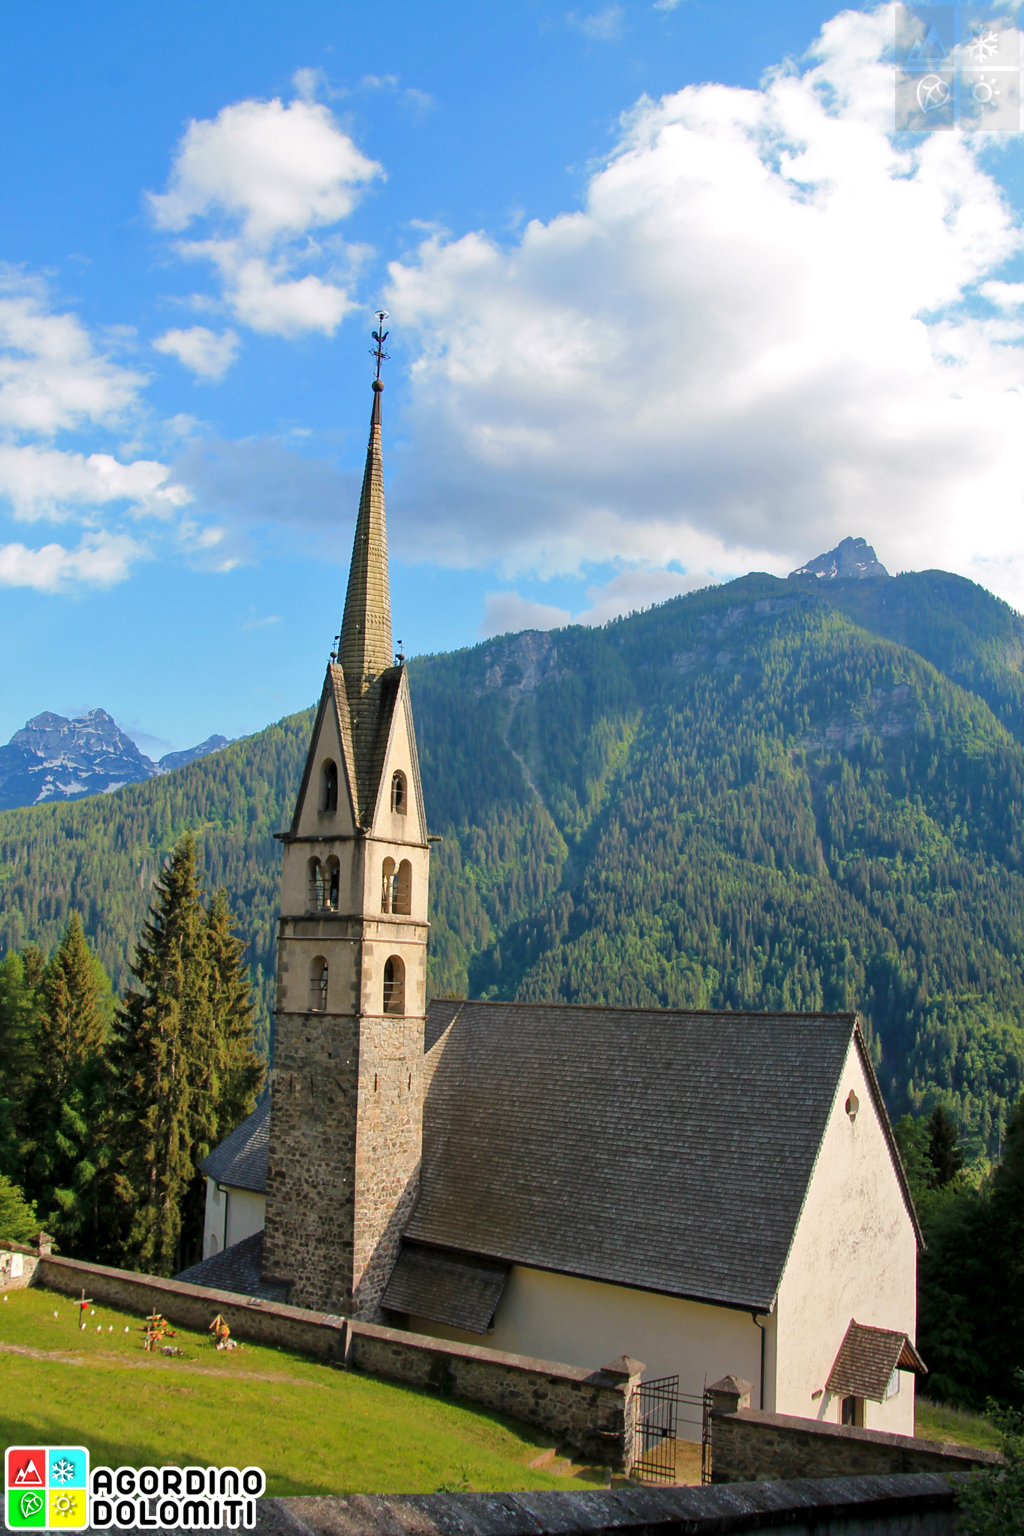 Chiesa Monumentale di San Simon Vallada Agordina Dolomiti